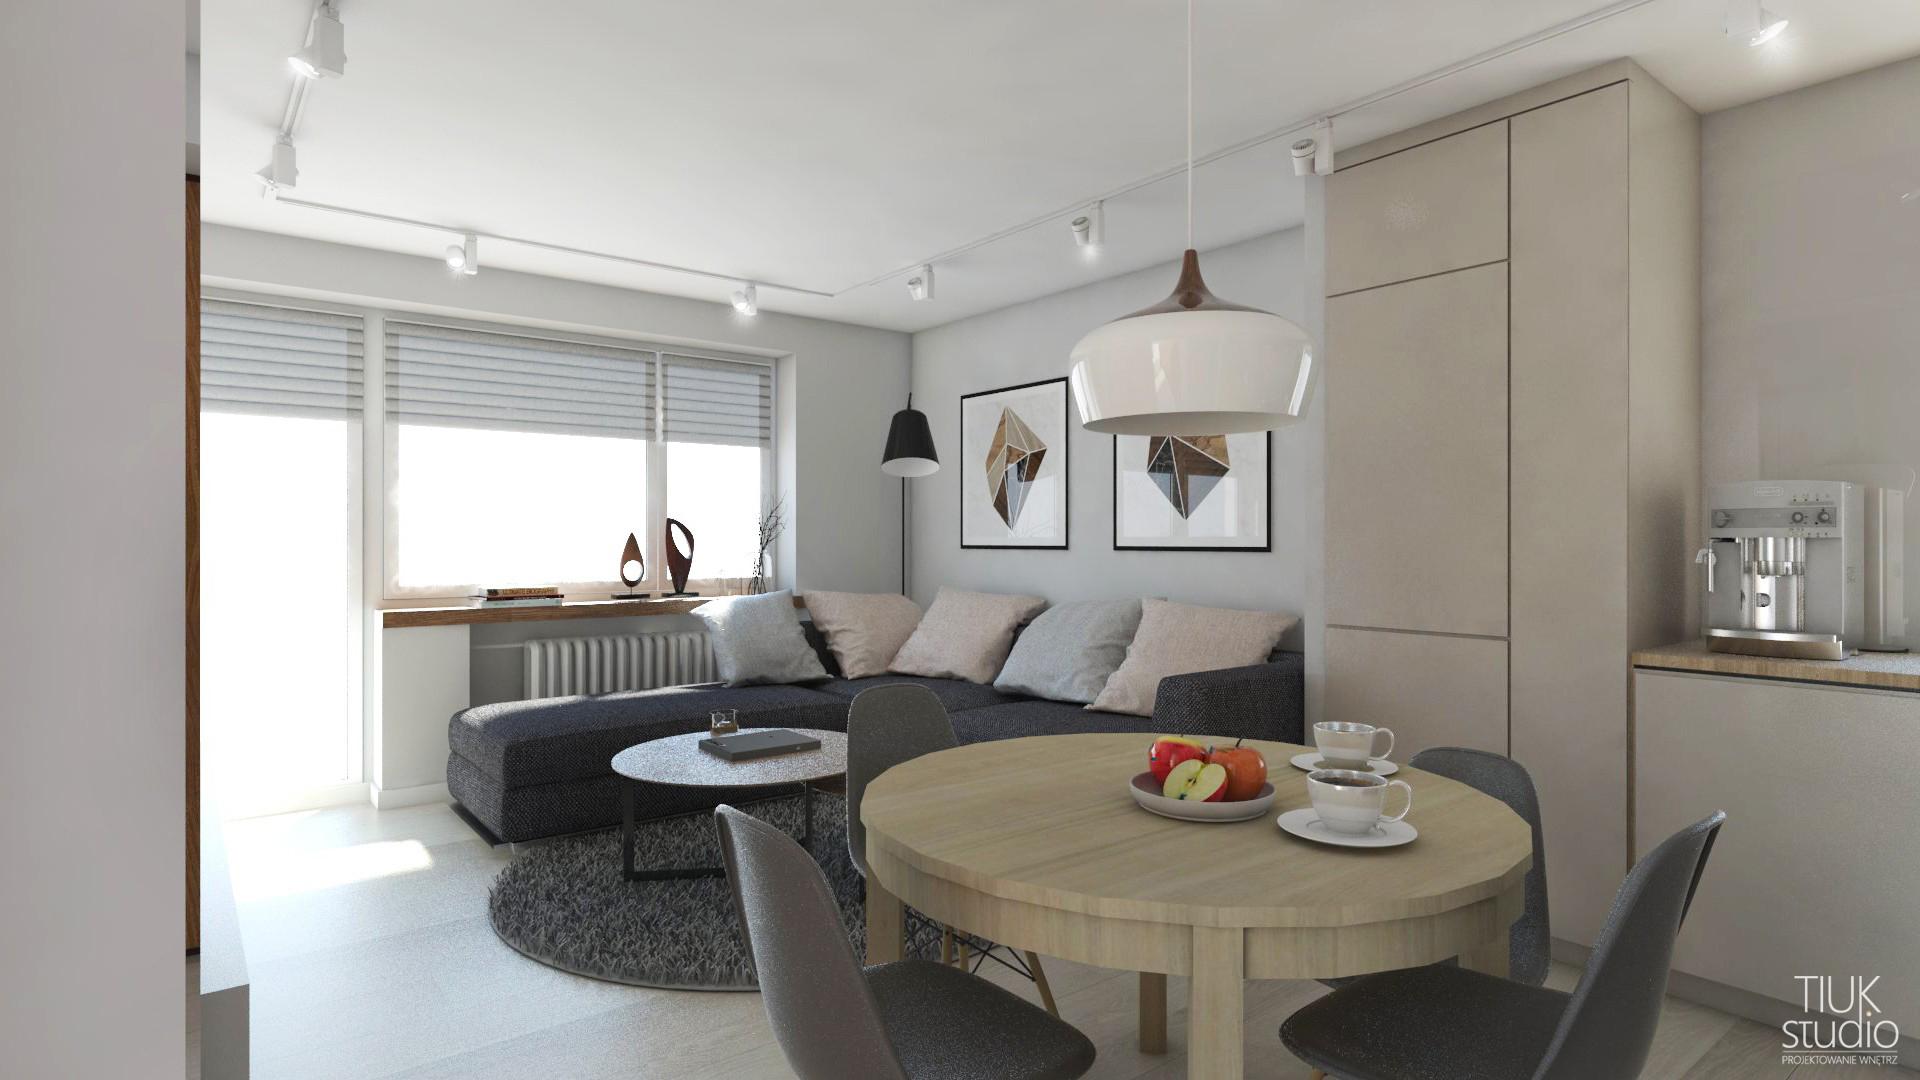 Salon Z Kuchnią W Bloku Tiuk Studio Projektowanie I Aranżacja Wnętrz